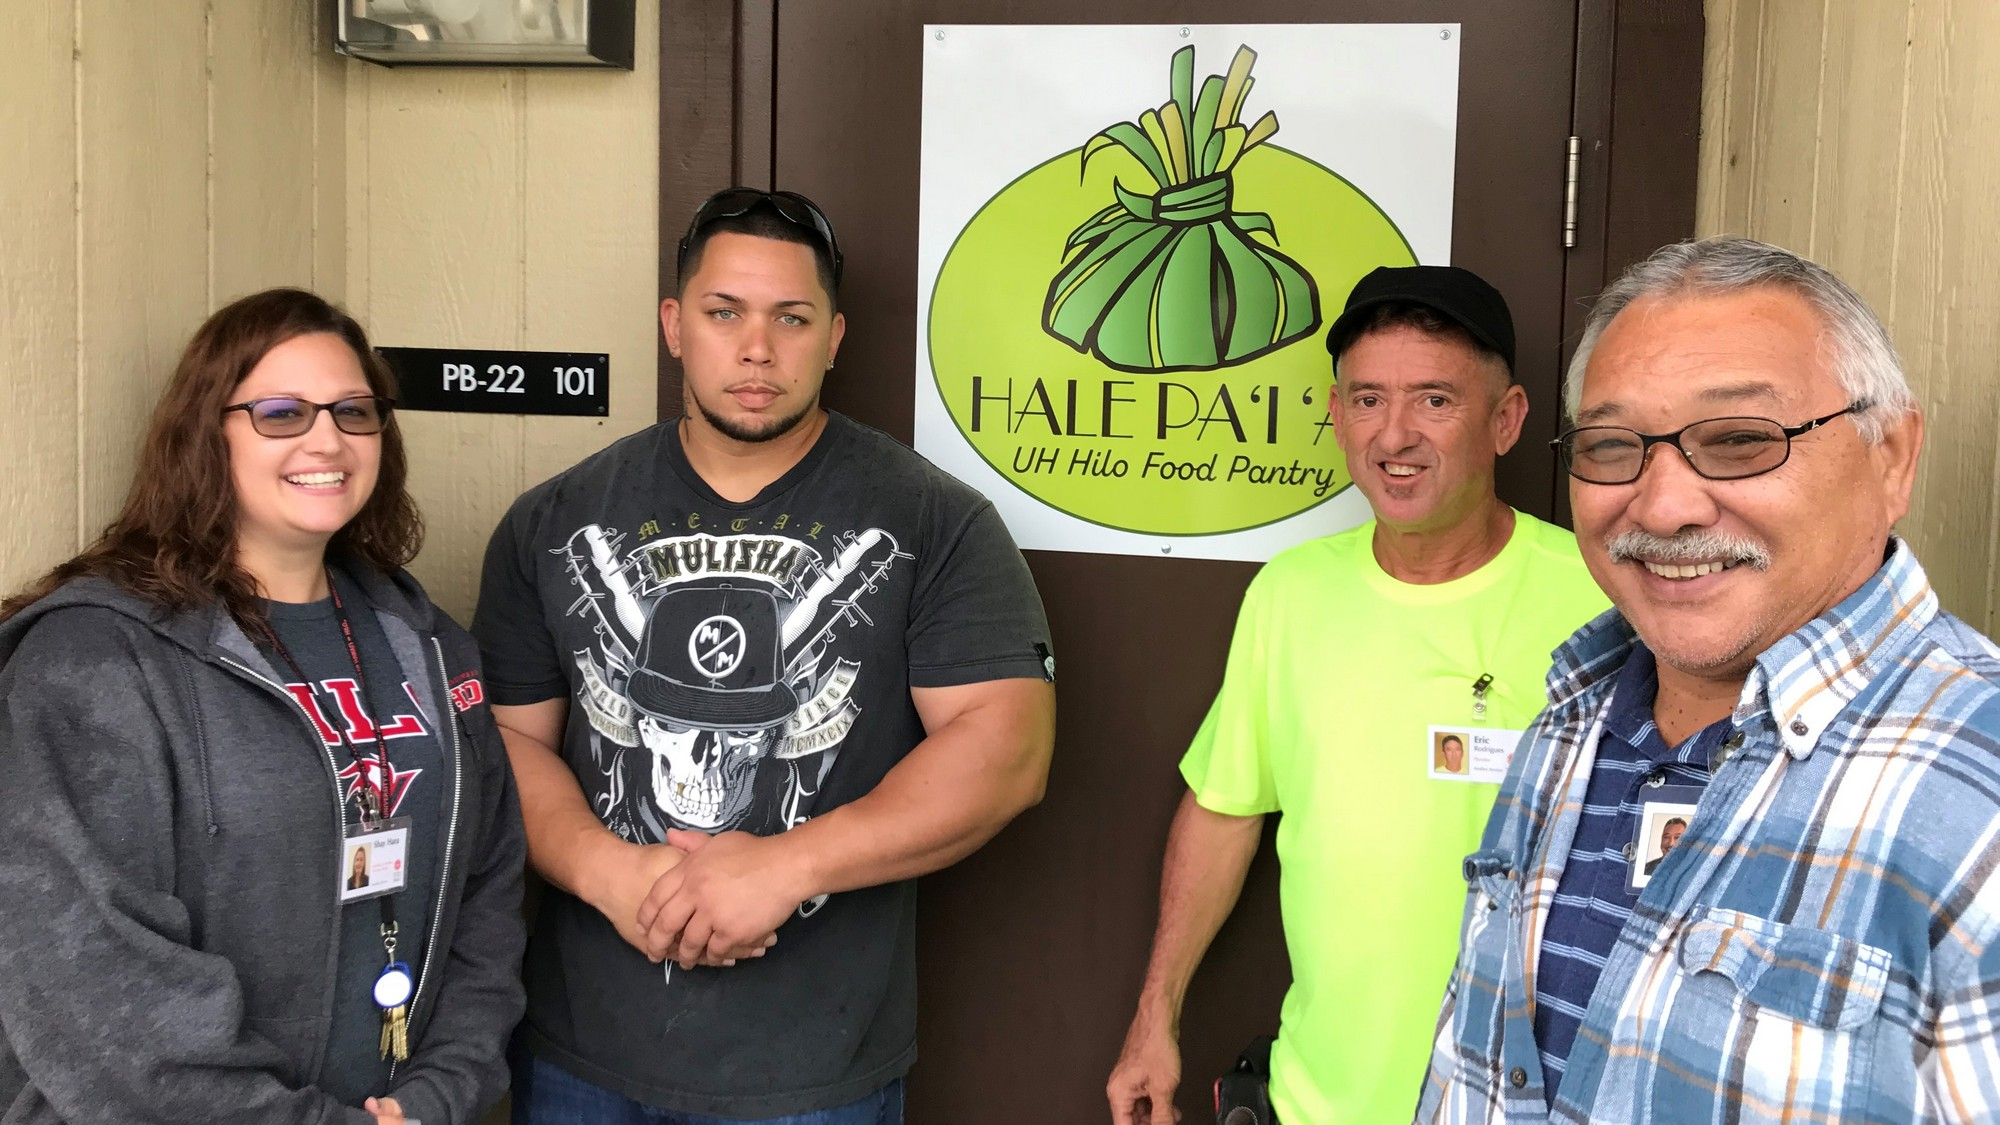 Shay Hara, Kapena Desa, Eric Rodrigues, and Calvin Fukuhara at doorway.